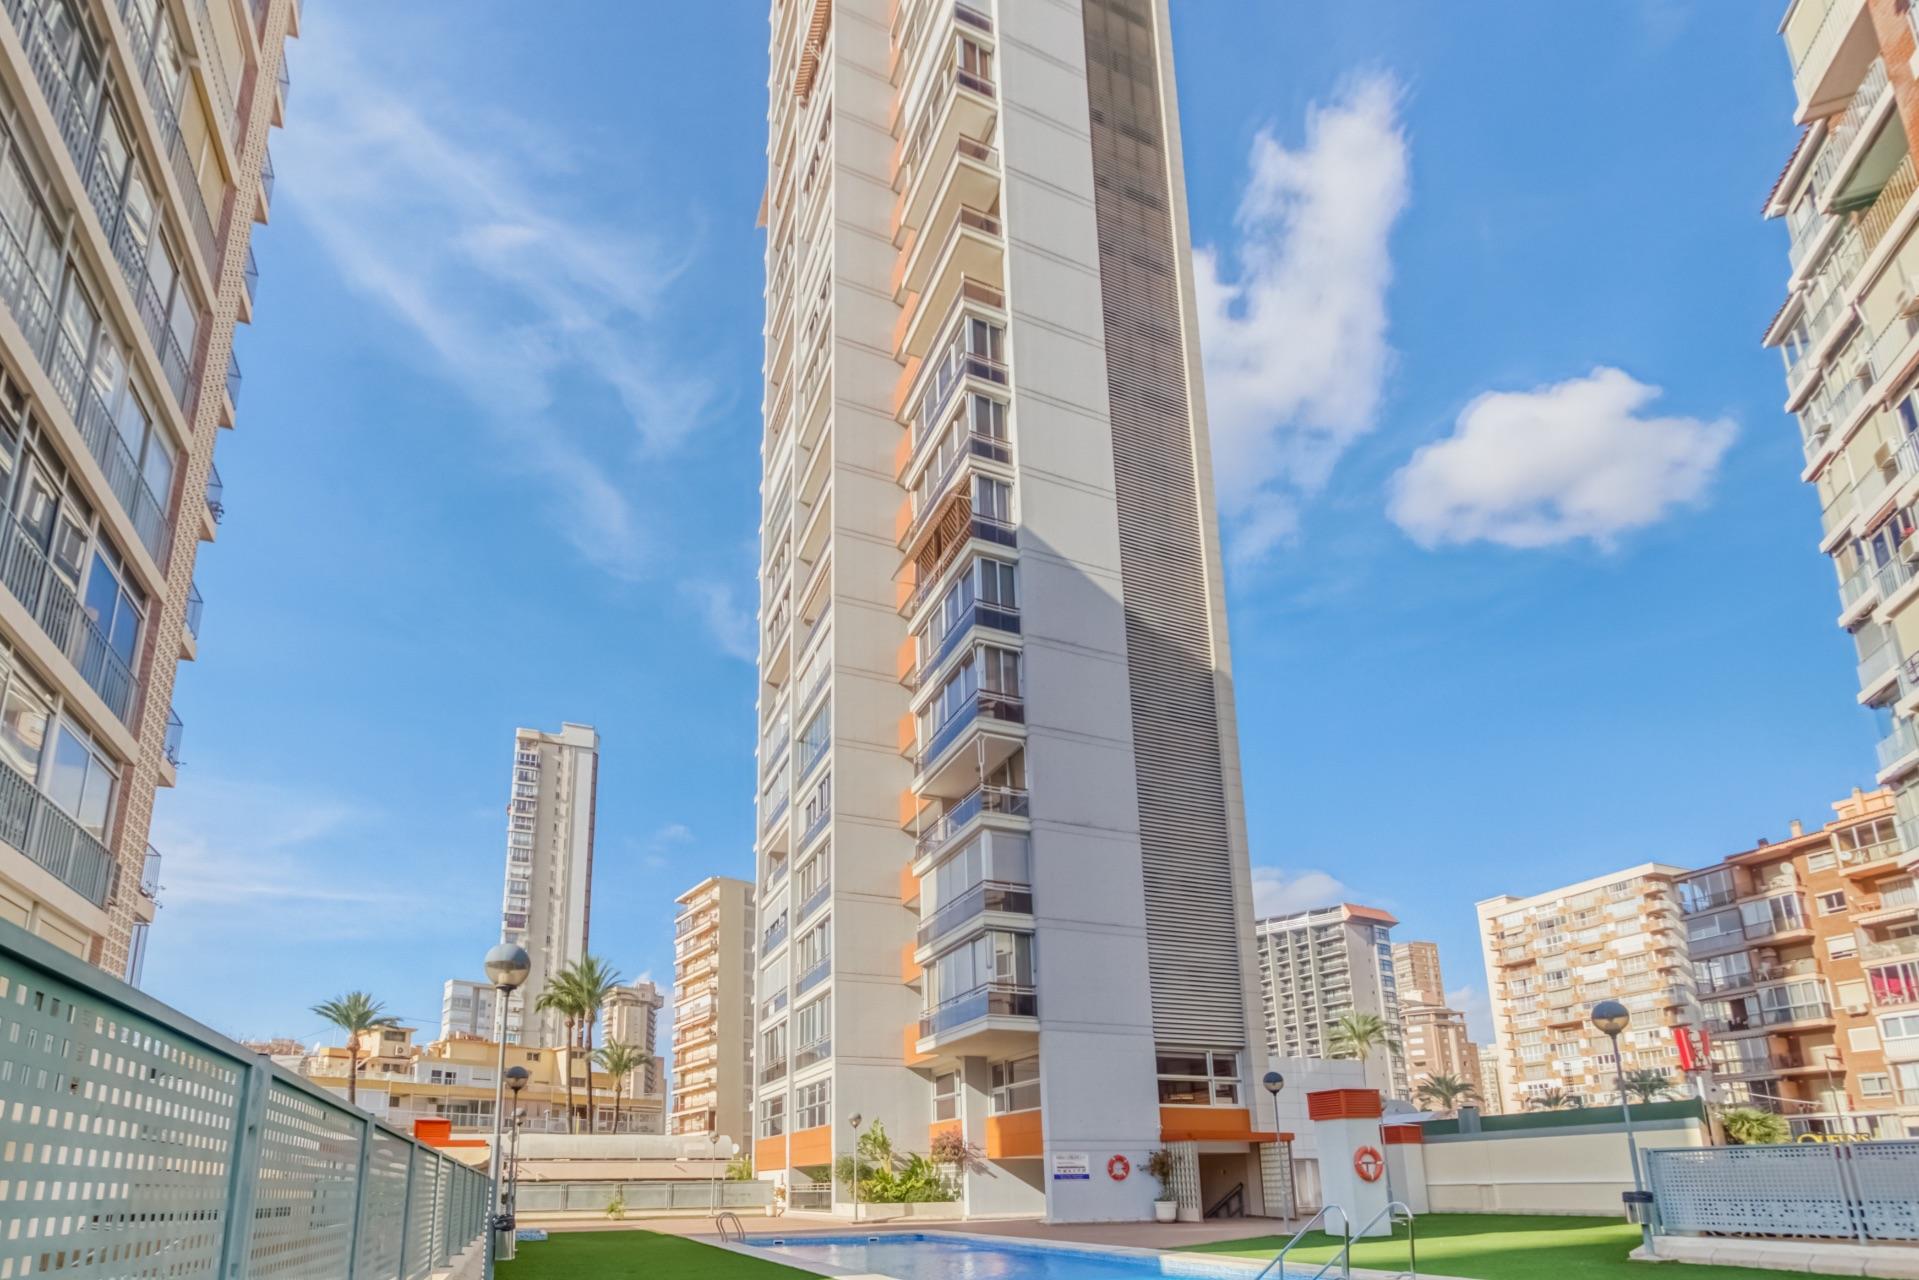 Apartamento en Benidorm, PLAYA DE LEVANTE, alquiler vacacional